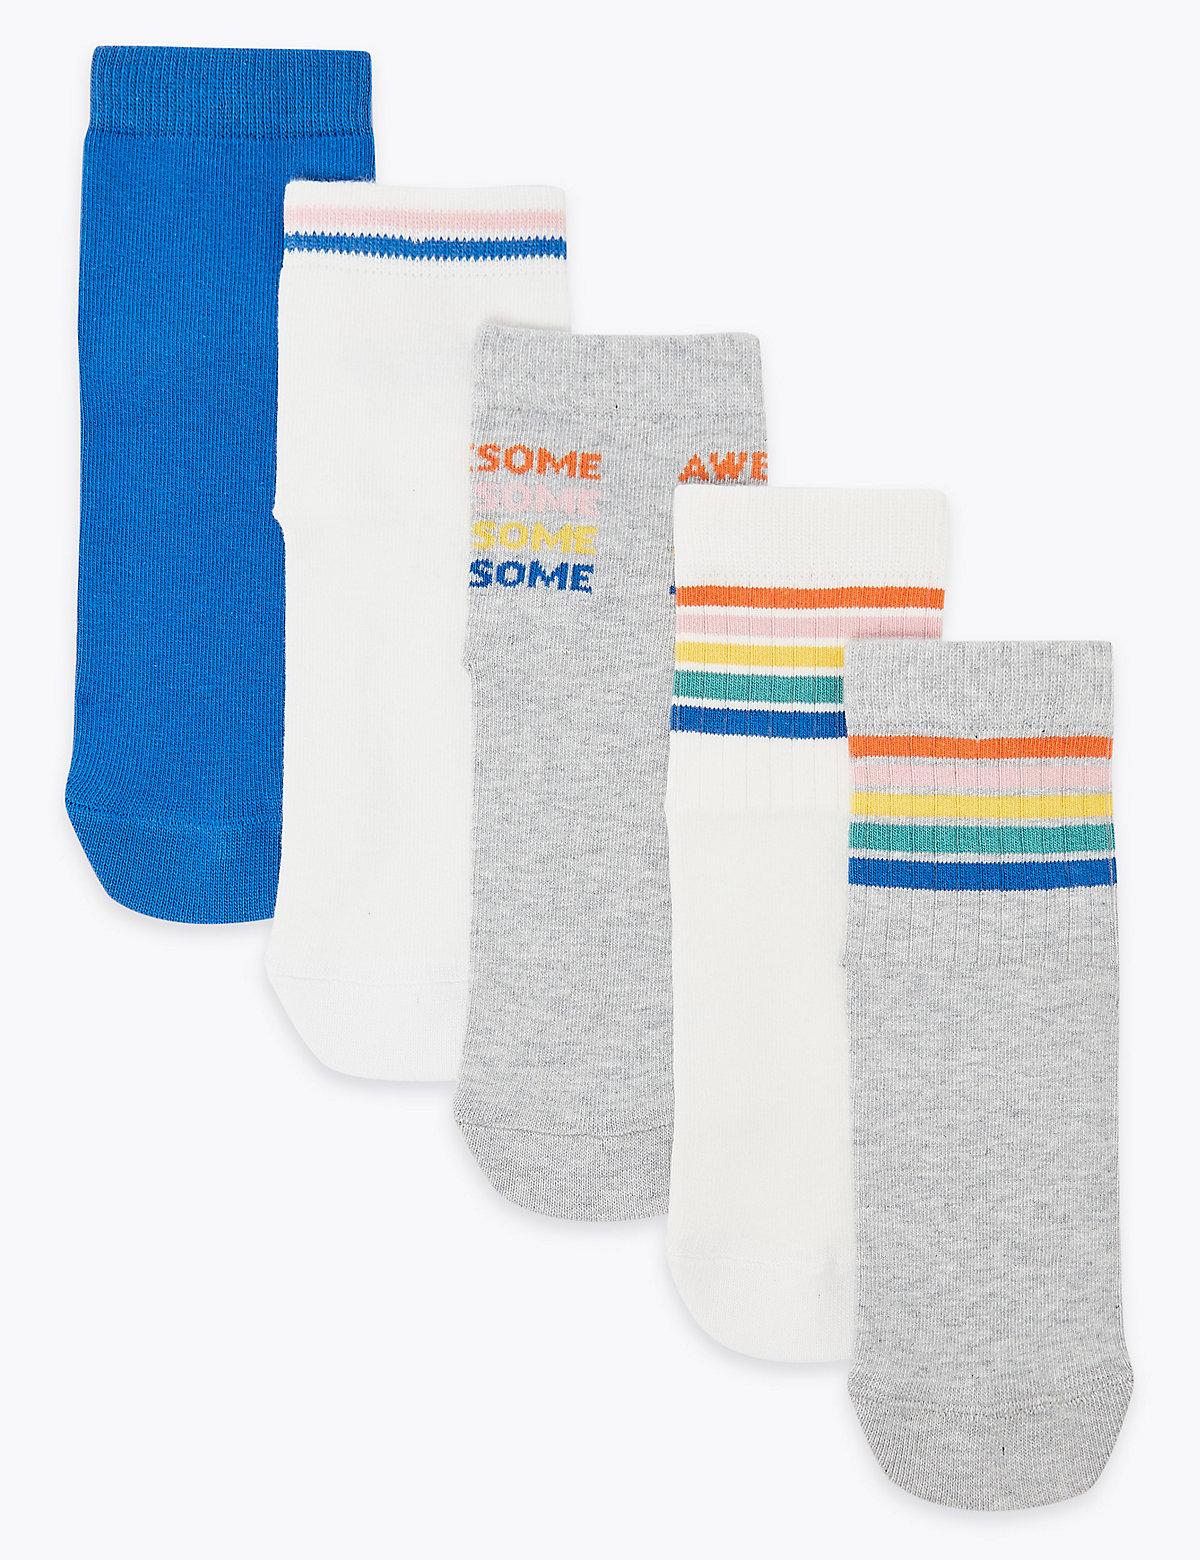 Спортивные носки с полосками и надписями (5 пар)